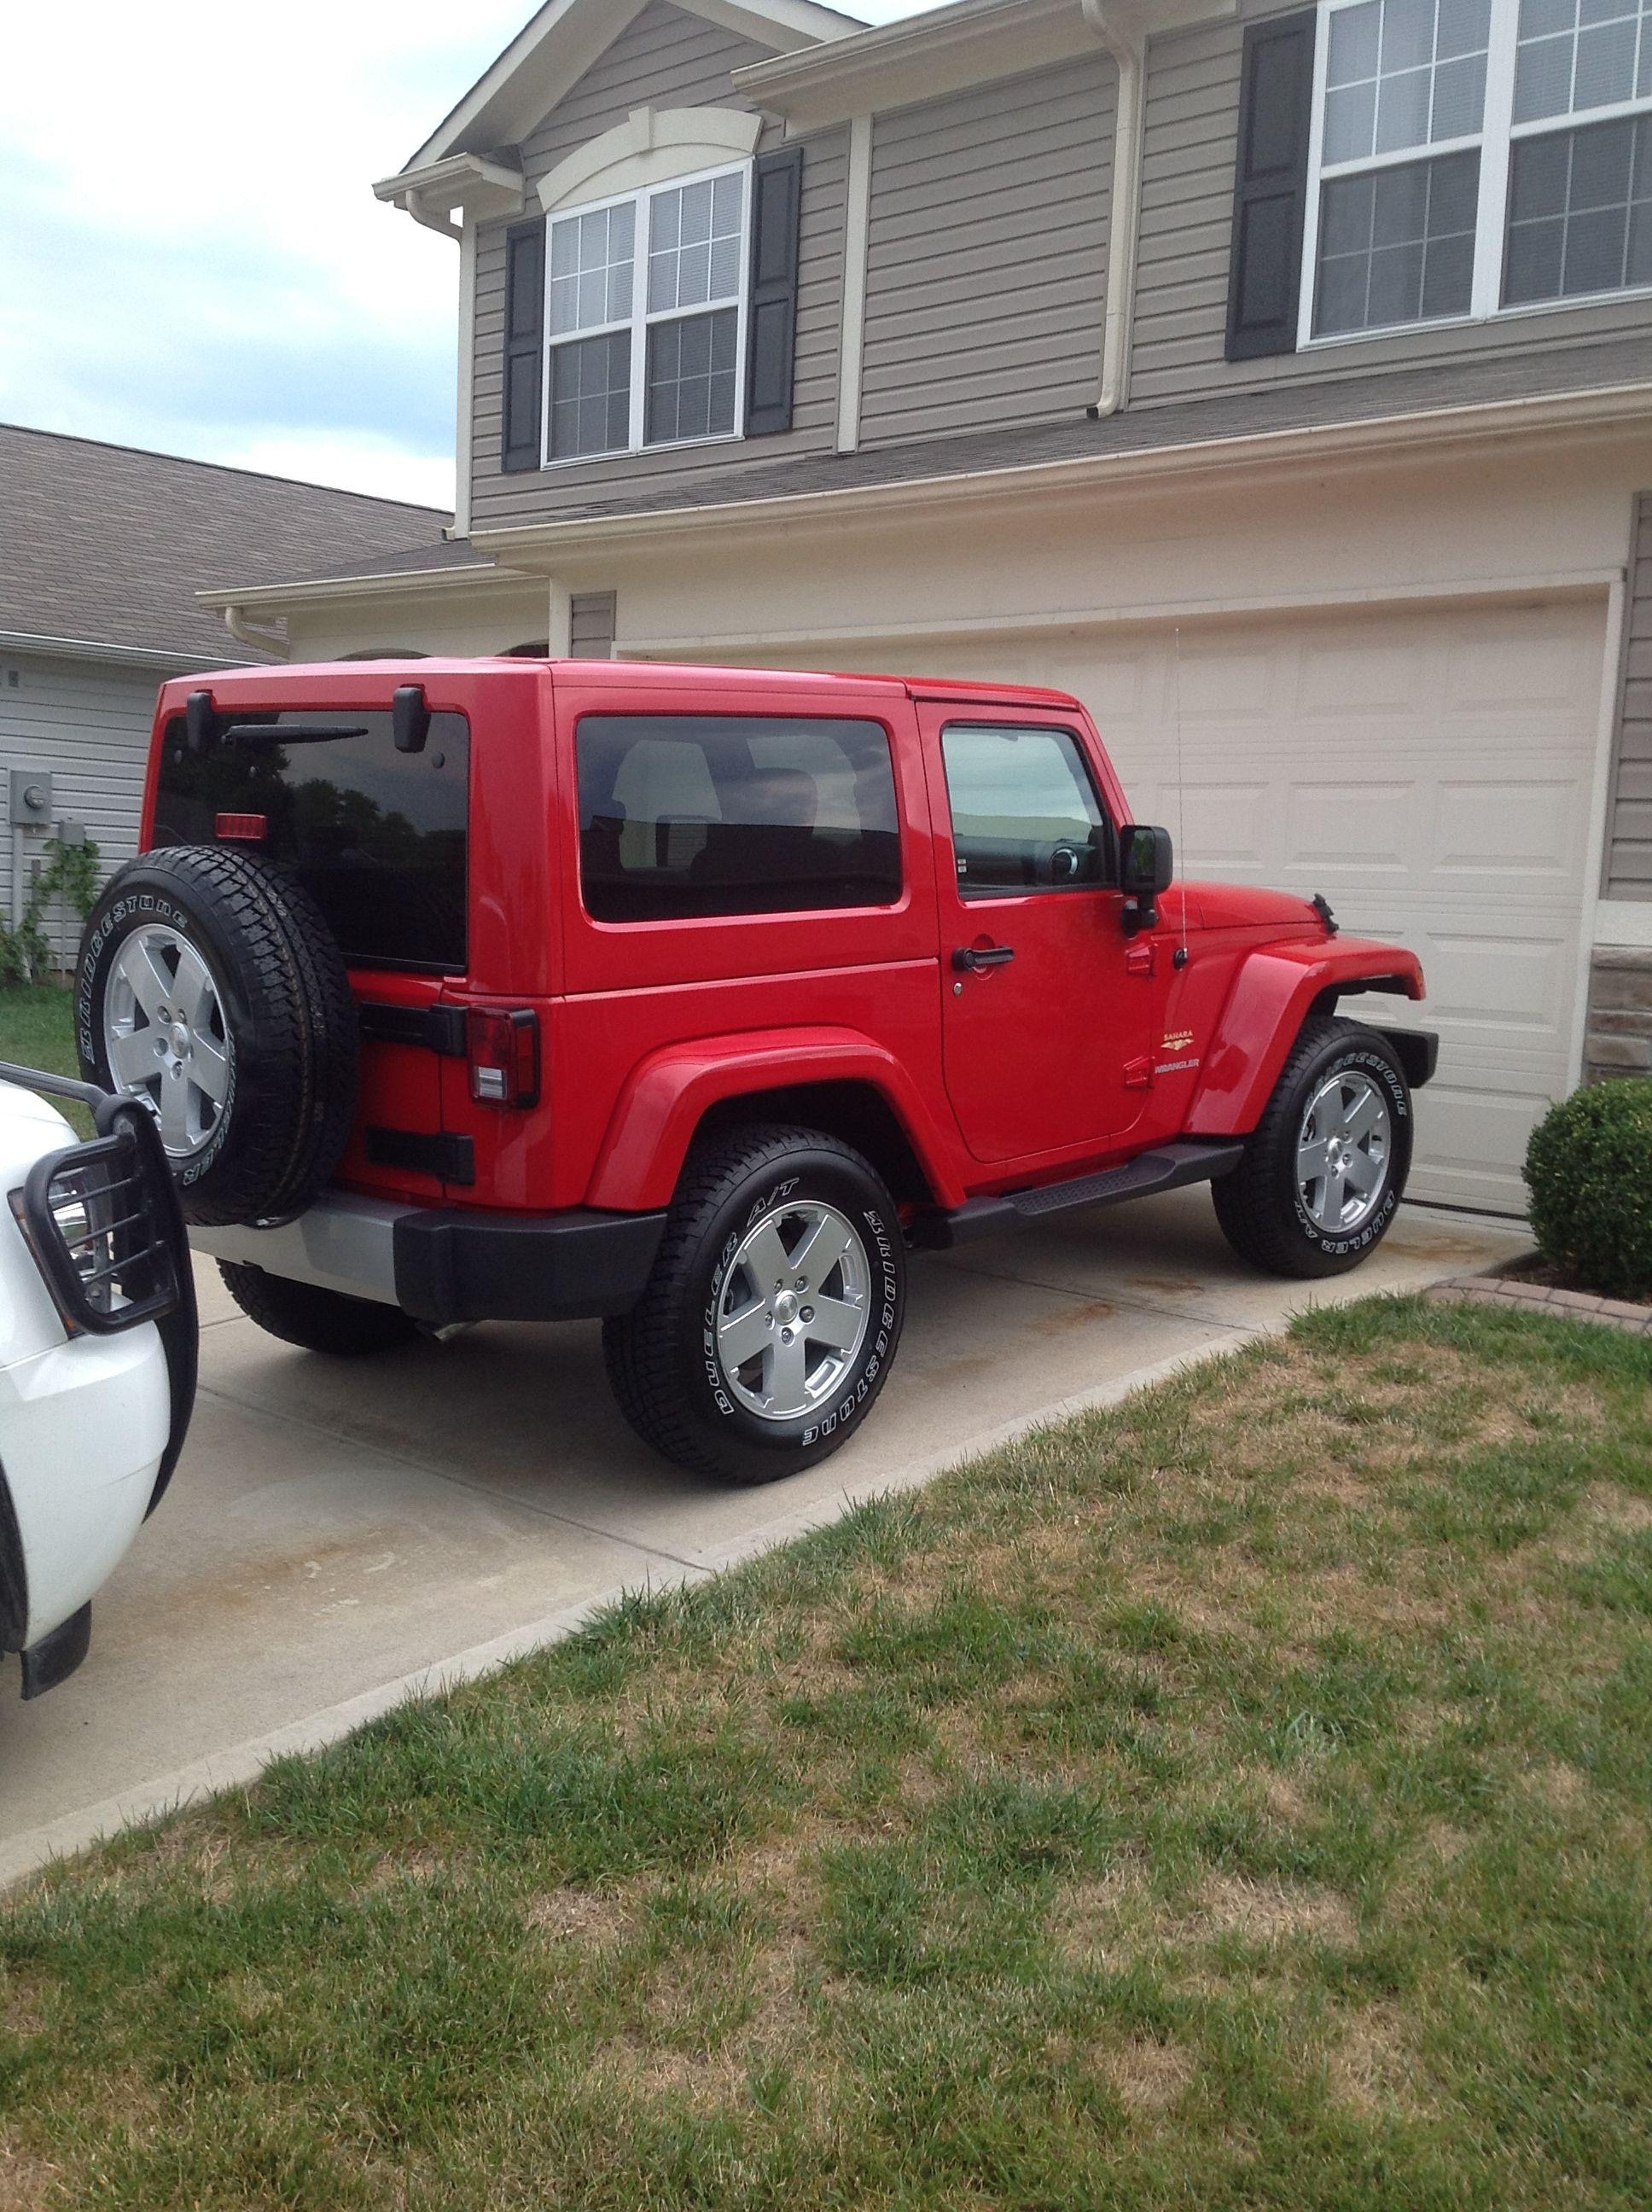 2012 Jeep Sahara | Jeep sahara, 2012 jeep, Suv